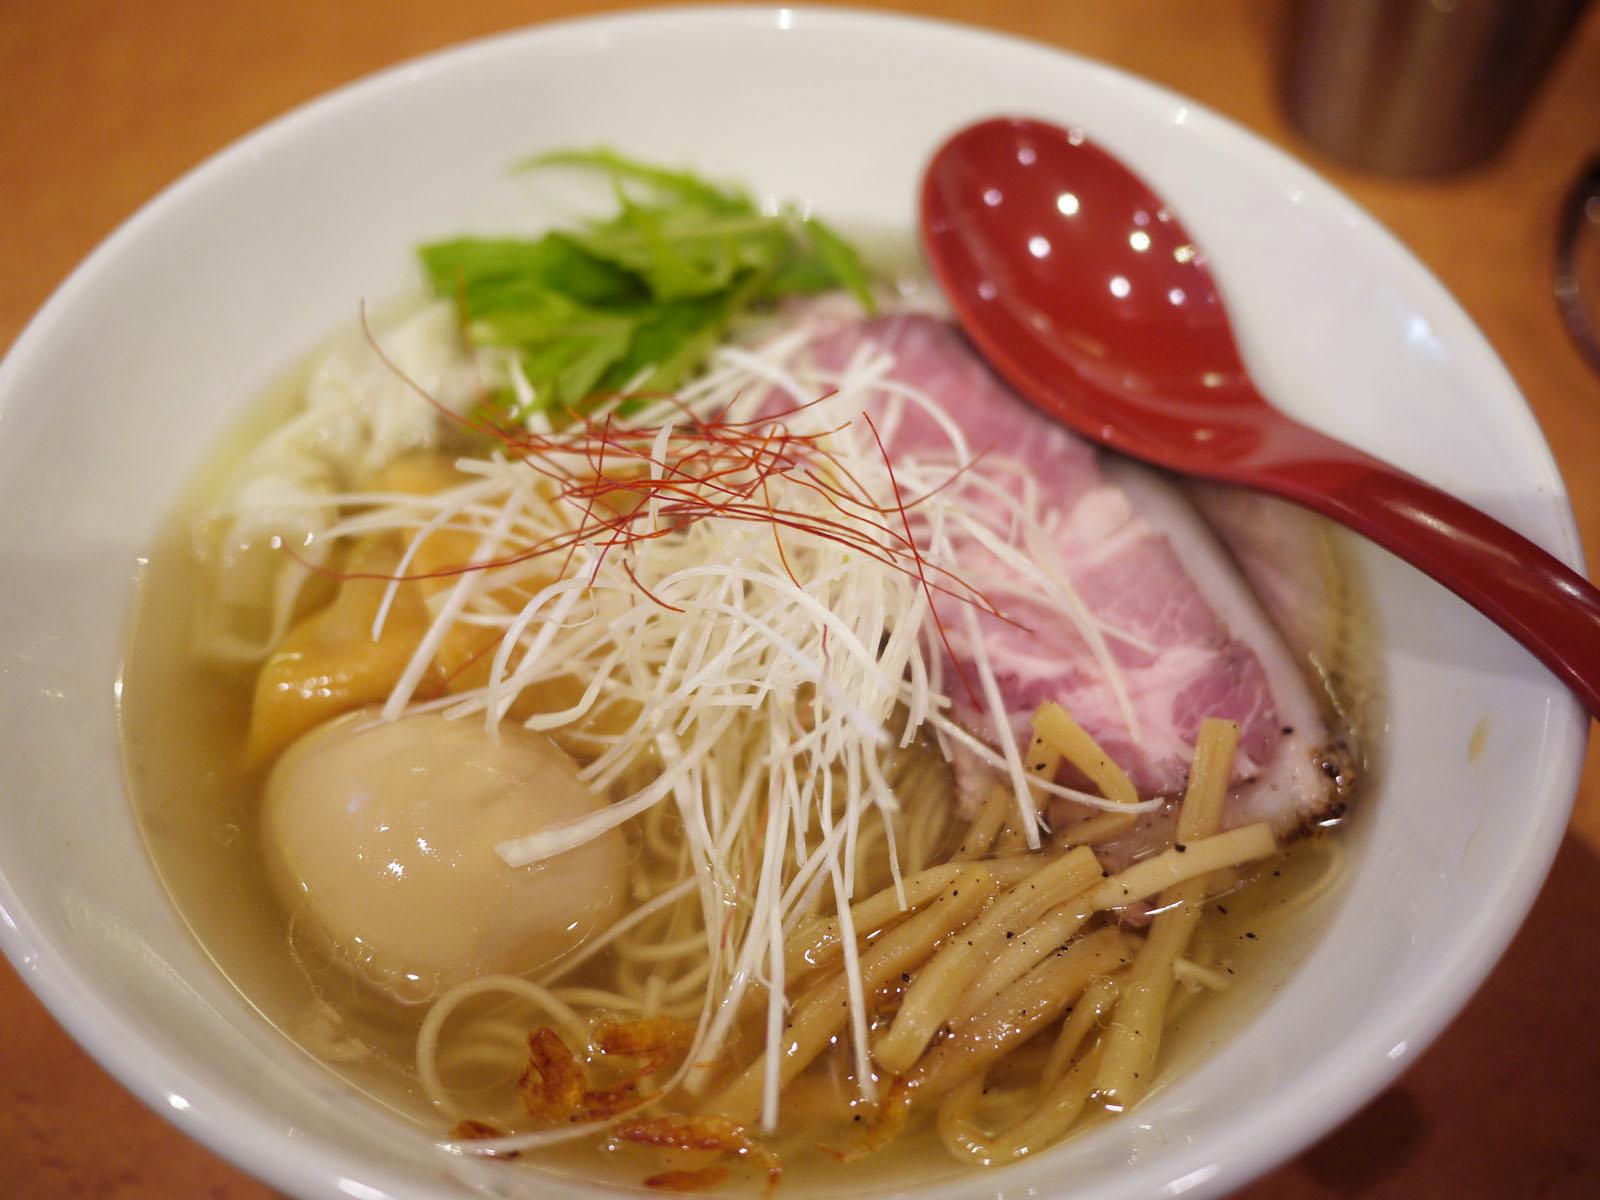 行列のできる新宿の人気ラーメン店「麺屋 翔」の魅力に迫る!のサムネイル画像